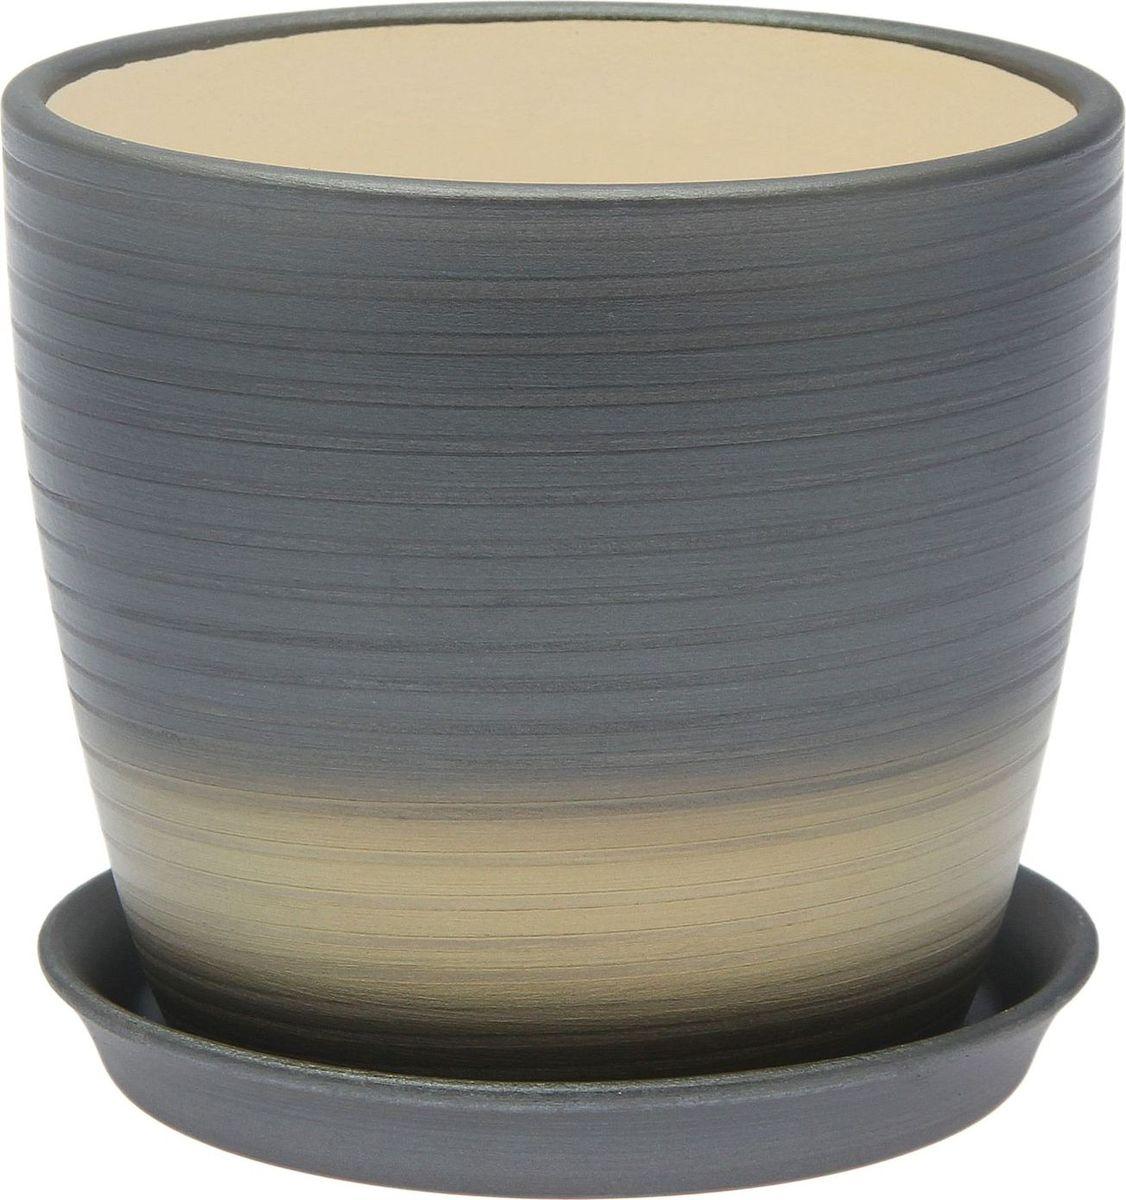 Кашпо Керамика ручной работы Осень. Радуга, цвет: серебристый, 2 л1968875Комнатные растения — всеобщие любимцы. Они радуют глаз, насыщают помещение кислородом и украшают пространство. Каждому из них необходим свой удобный и красивый дом. Кашпо из керамики прекрасно подходят для высадки растений: за счёт пластичности глины и разных способов обработки существует великое множество форм и дизайновпористый материал позволяет испаряться лишней влагевоздух, необходимый для дыхания корней, проникает сквозь керамические стенки! #name# позаботится о зелёном питомце, освежит интерьер и подчеркнёт его стиль.